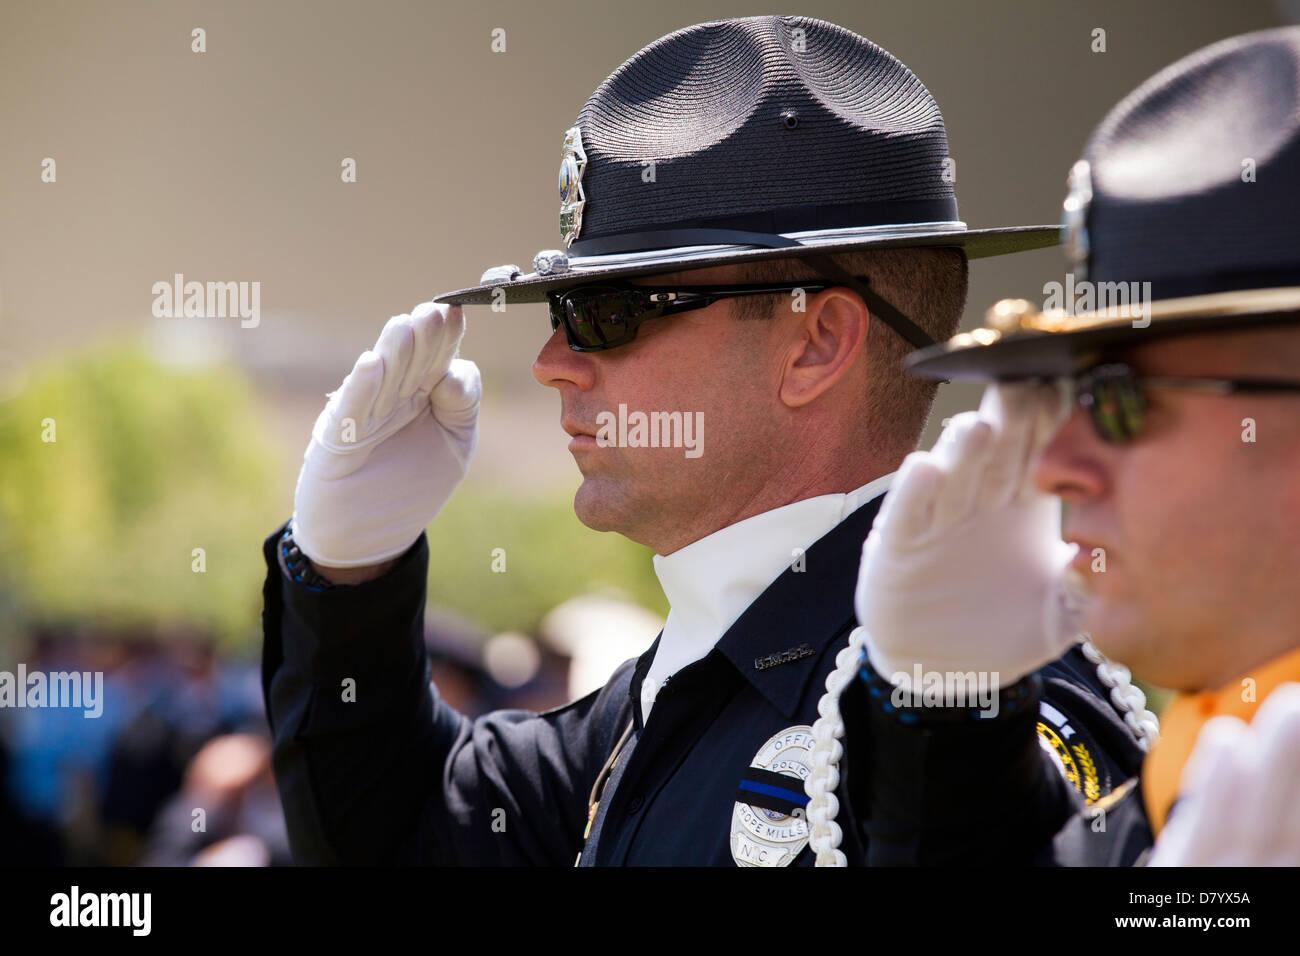 Policemen saluting - Washington, DC USA - Stock Image